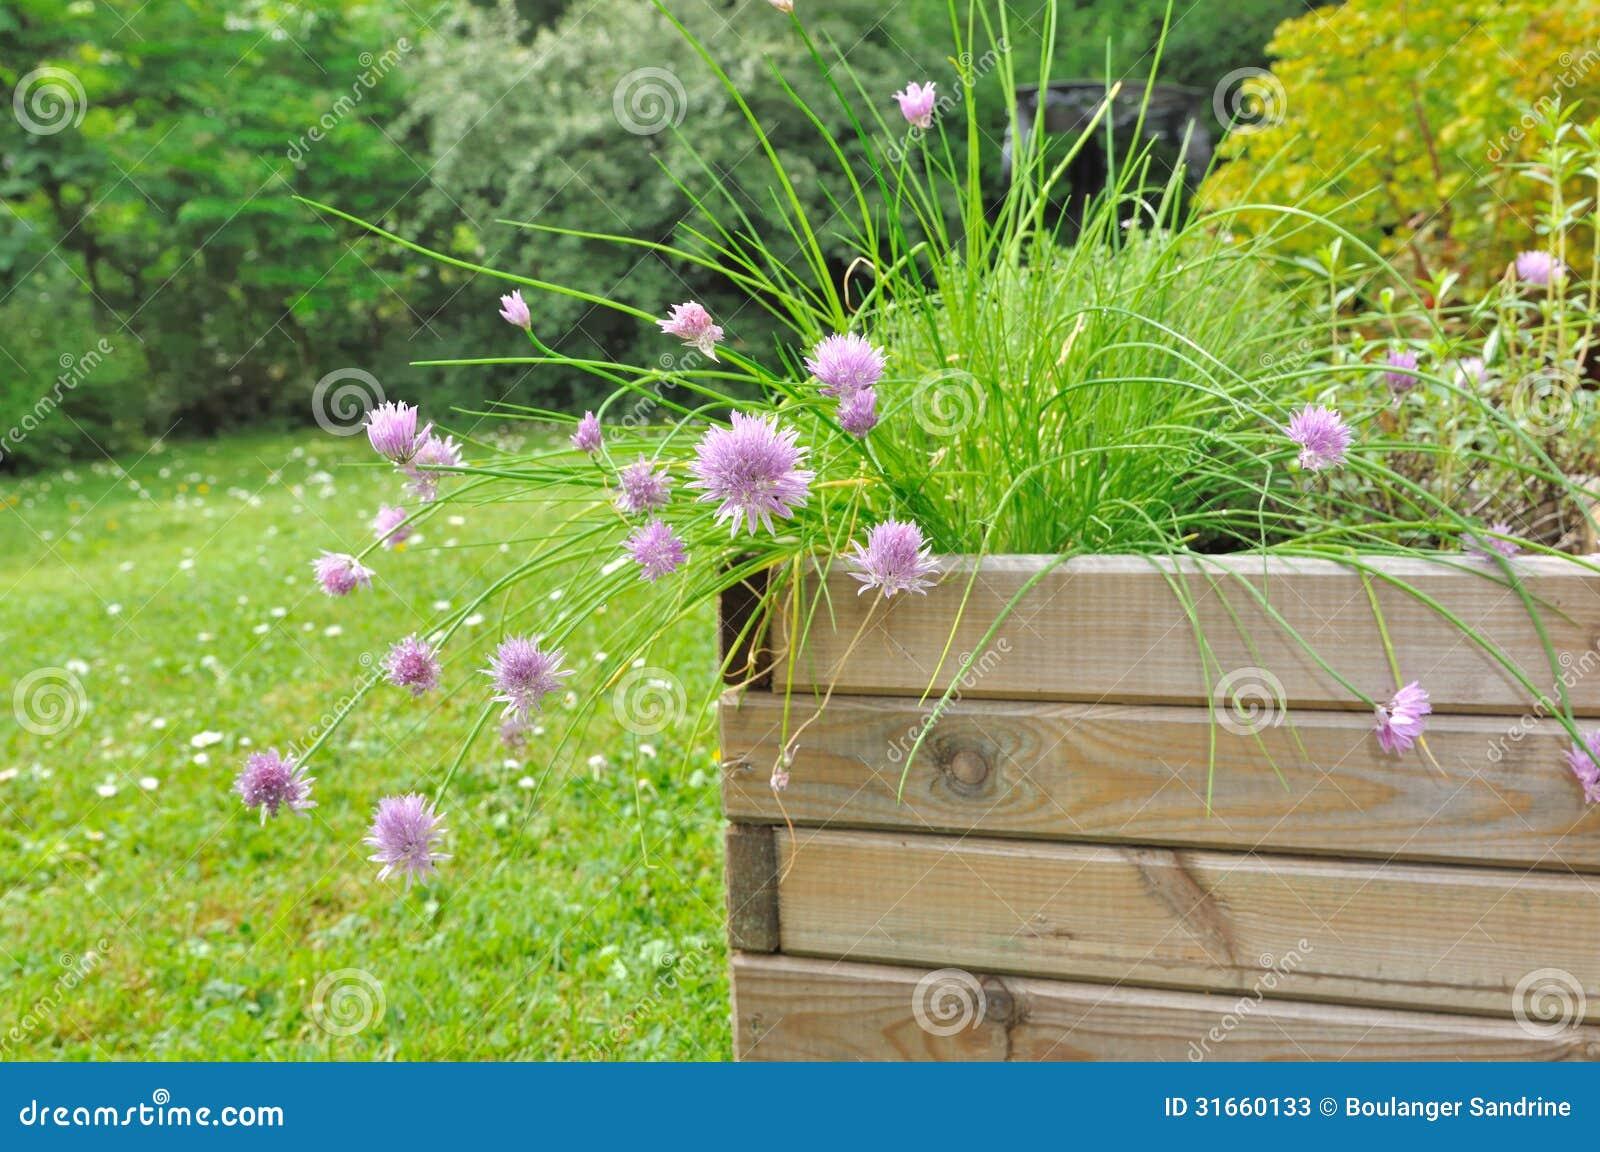 Plantes Aromatiques Sur Terrasse plante aromatique dans le planteur image stock - image du